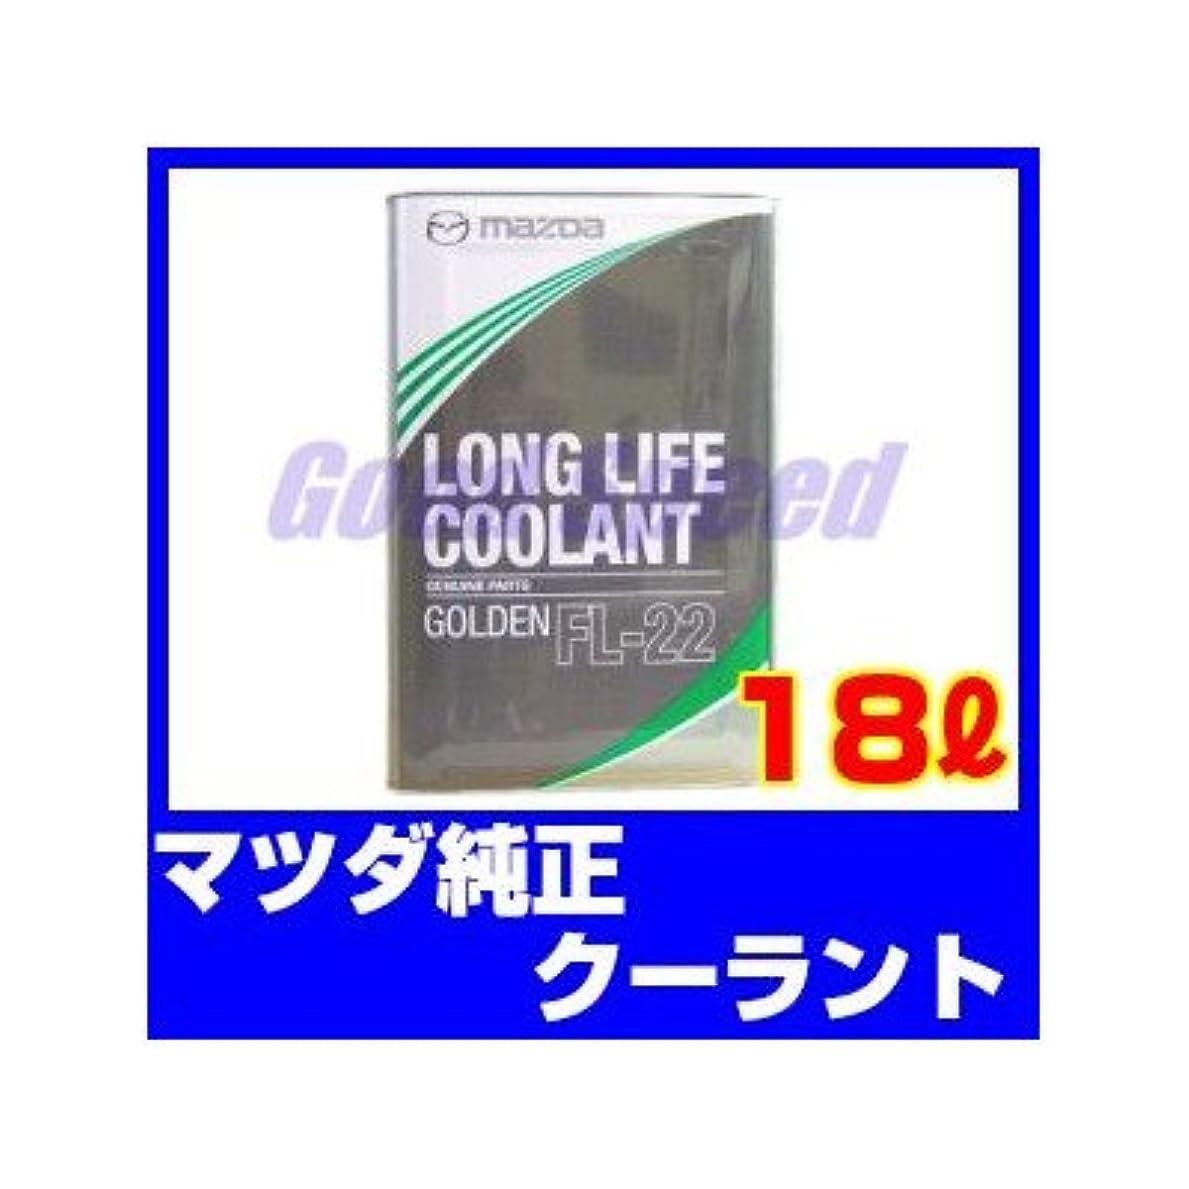 努力する電気インフルエンザMAZDA マツダ純正 LLC ロングライフクーラント ゴールデン(濃緑色)希釈タイプ 18L K018-W0-122